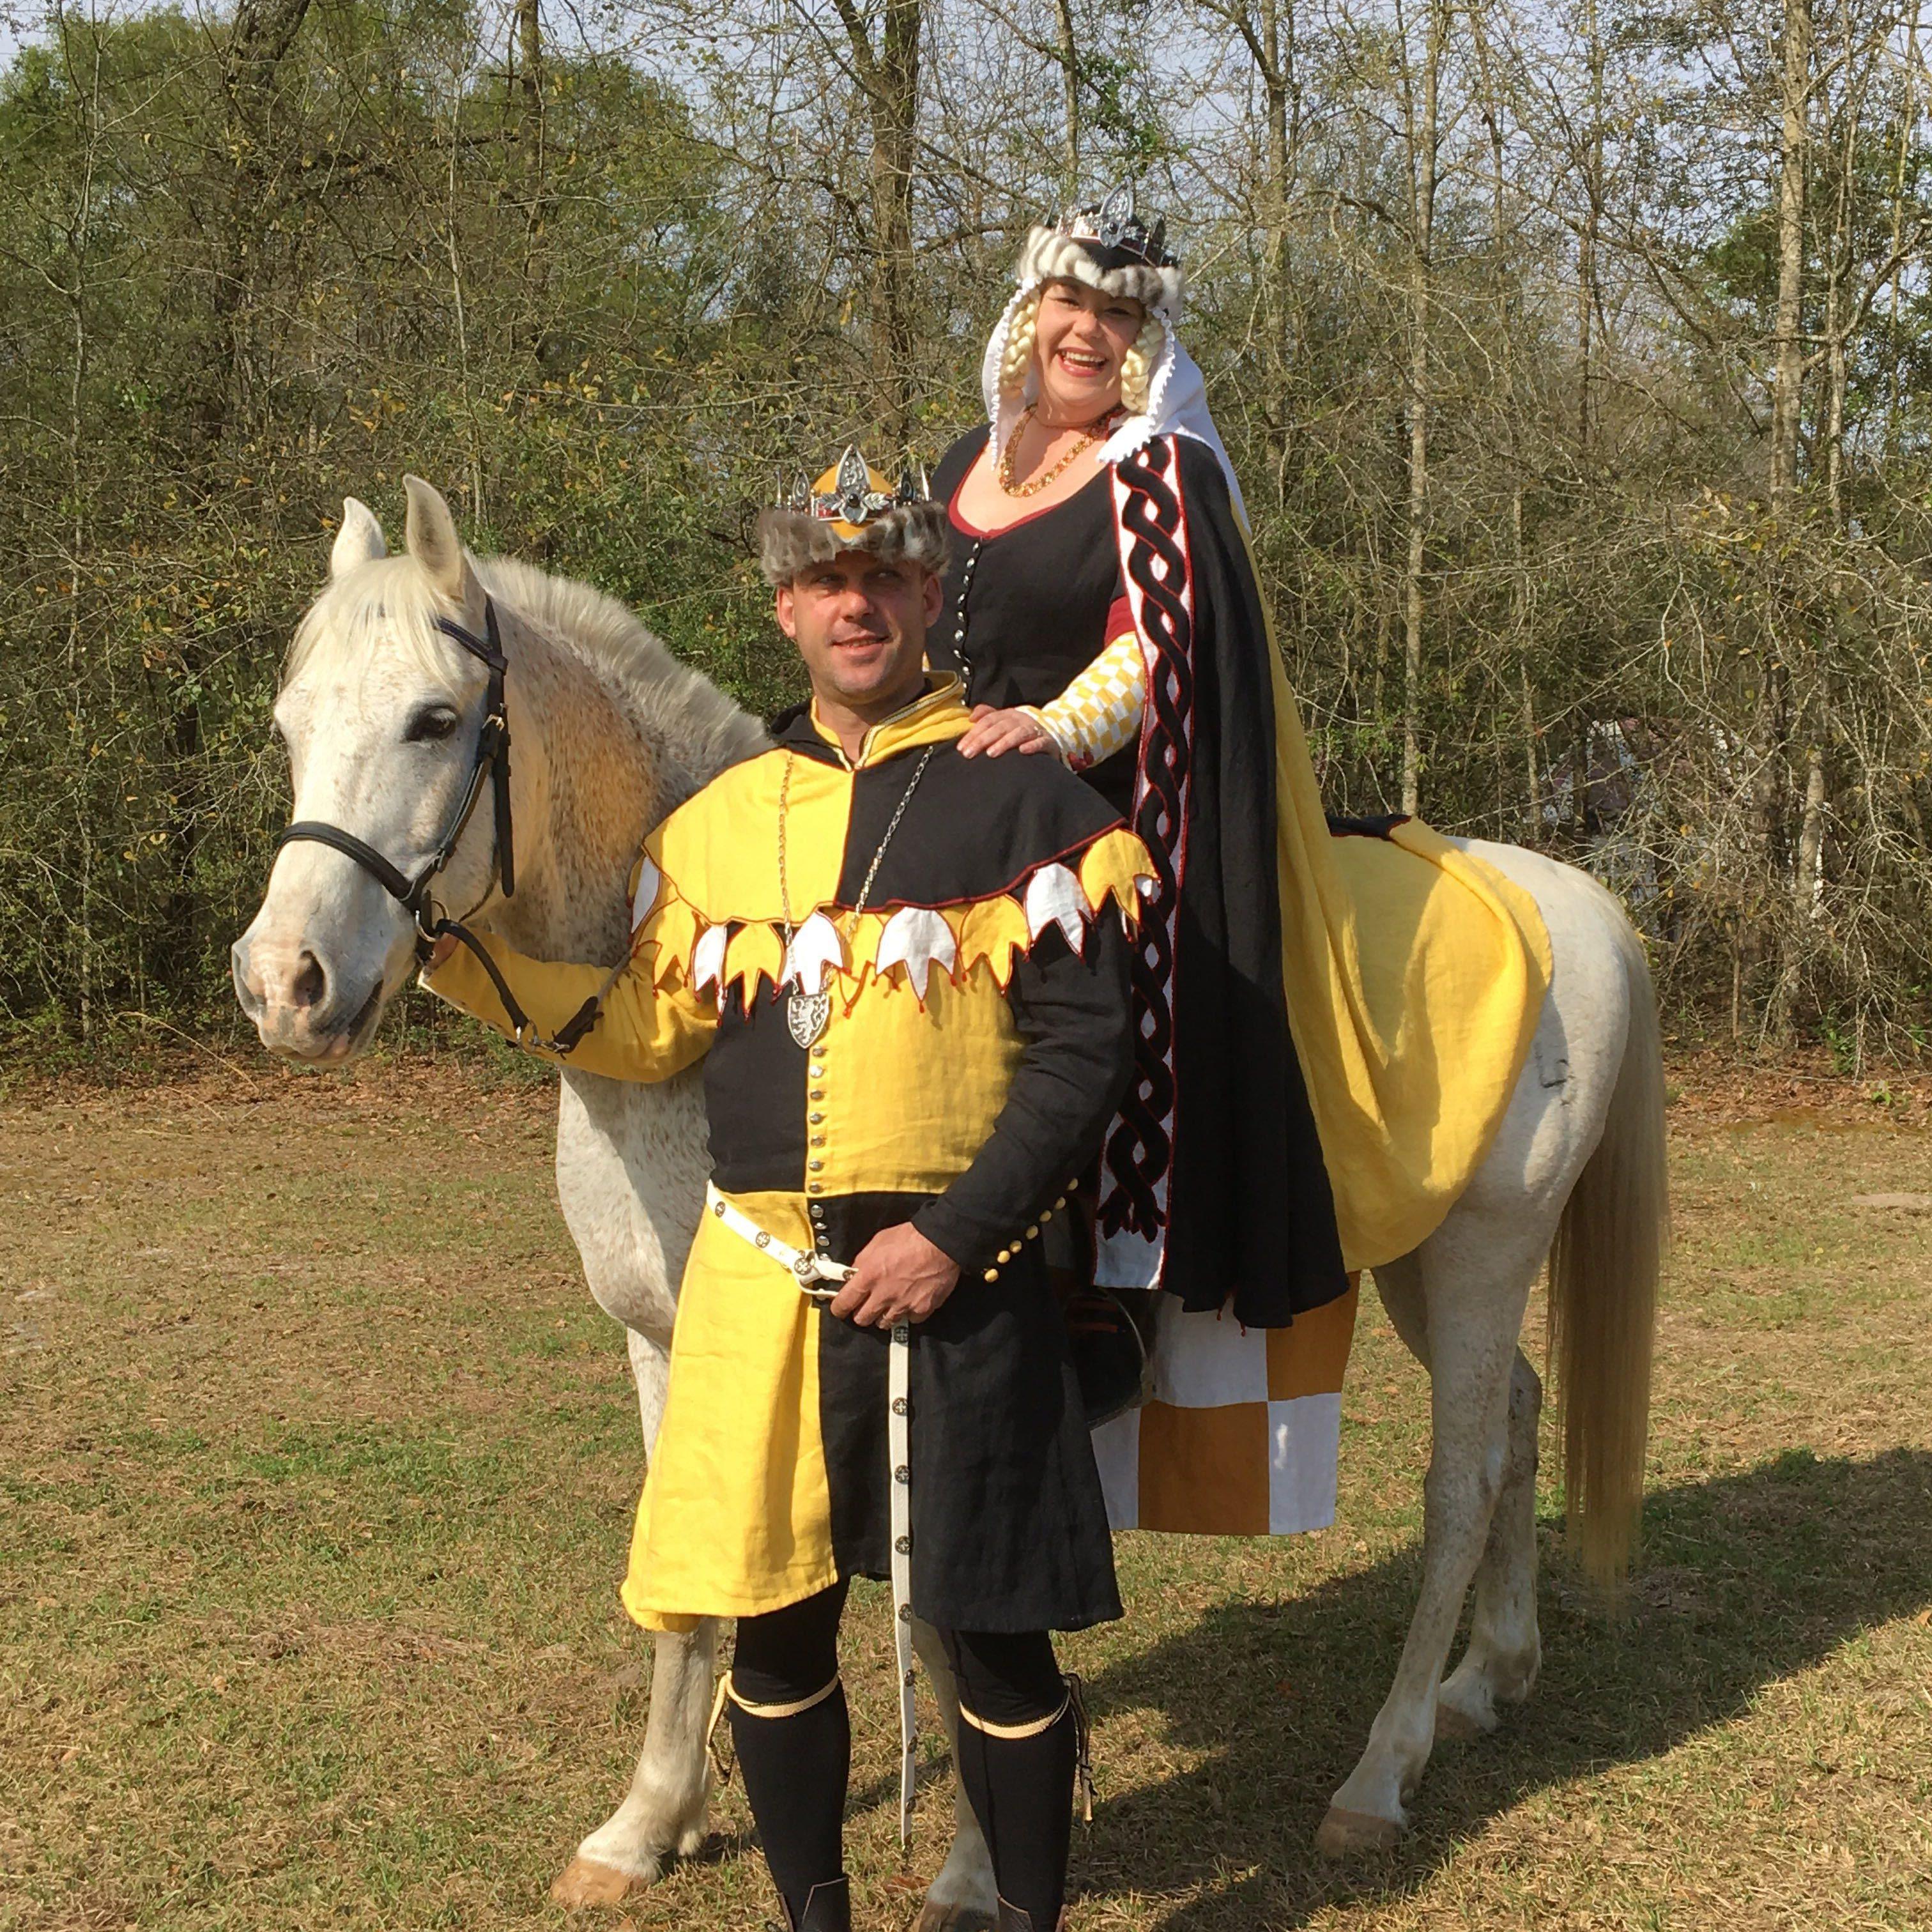 King Kjartan and Queen Sha'ya at Gulf Wars 2019